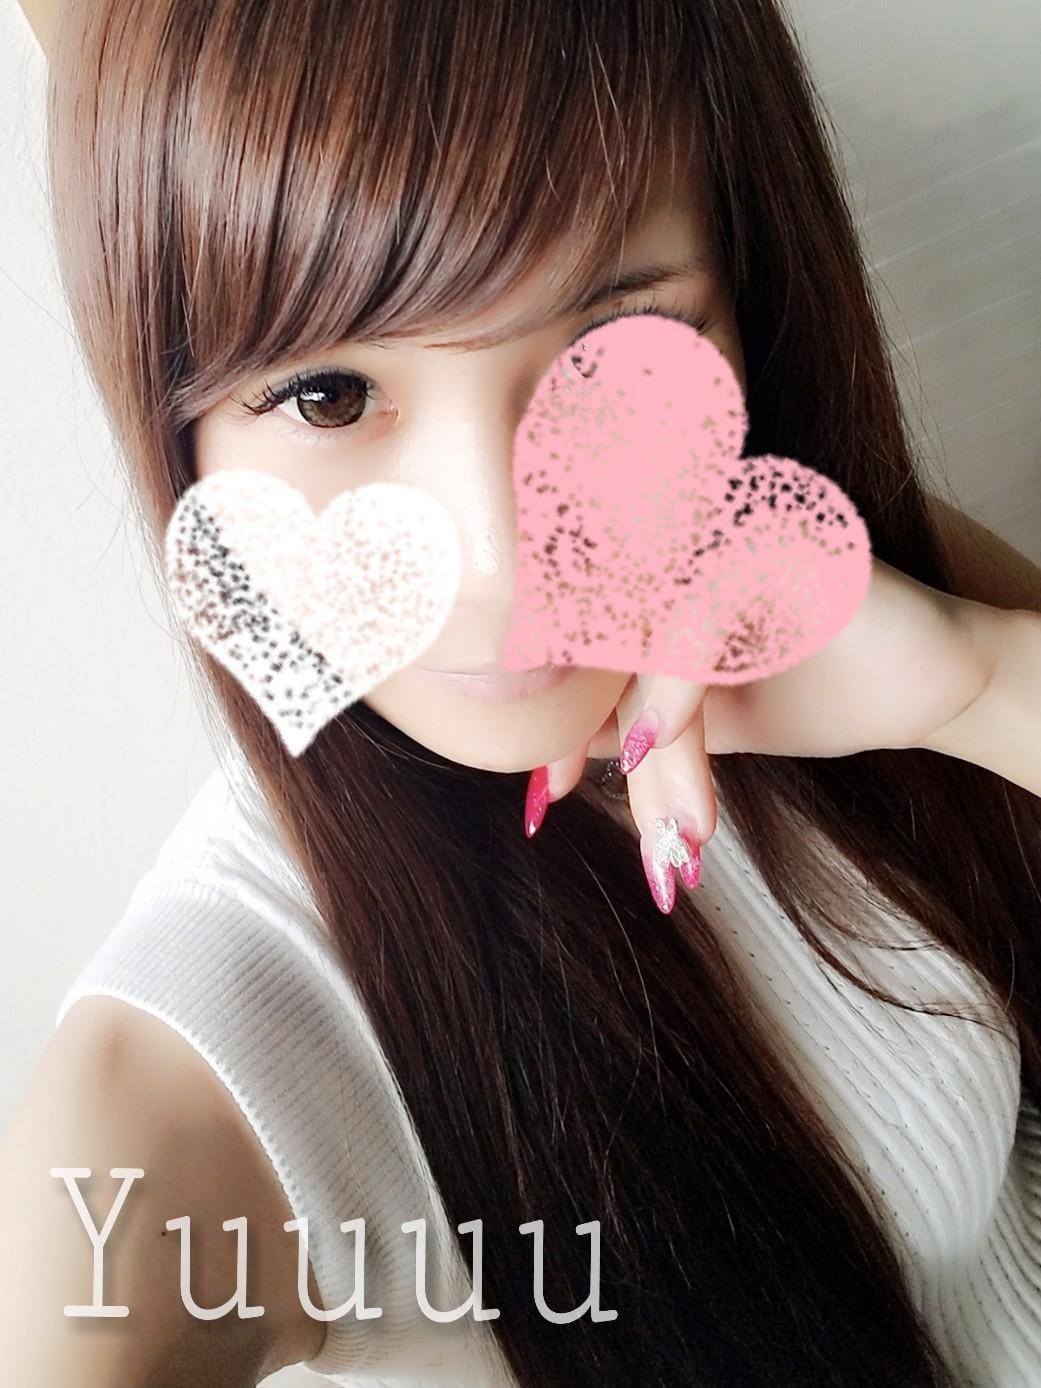 「♡Good Morning♡」08/31(金) 06:28 | 優羽(ゆう)の写メ・風俗動画